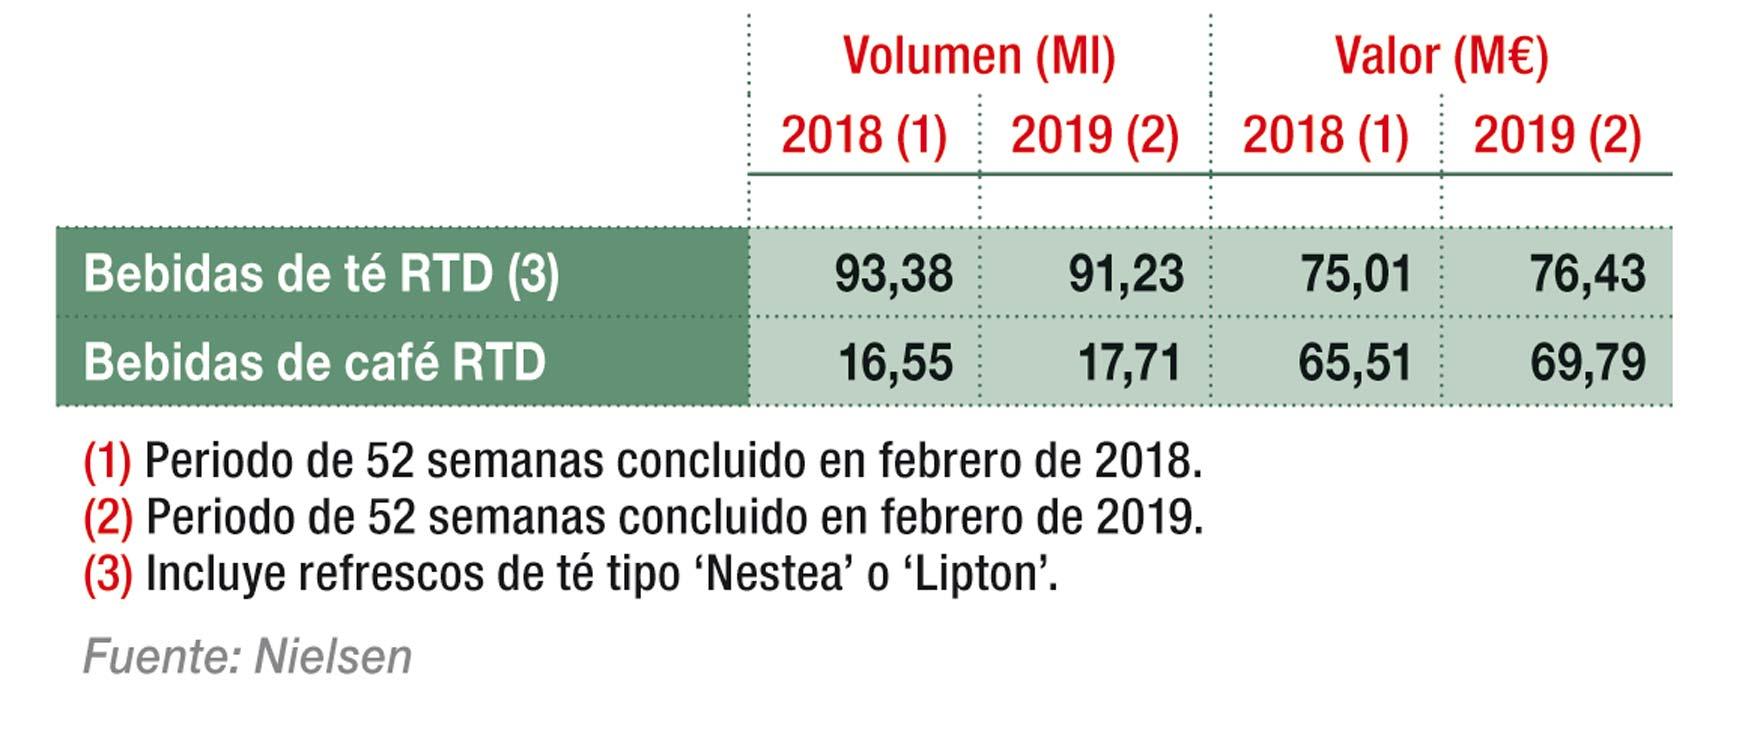 Reparto del mercado de bebidas RTD en retail